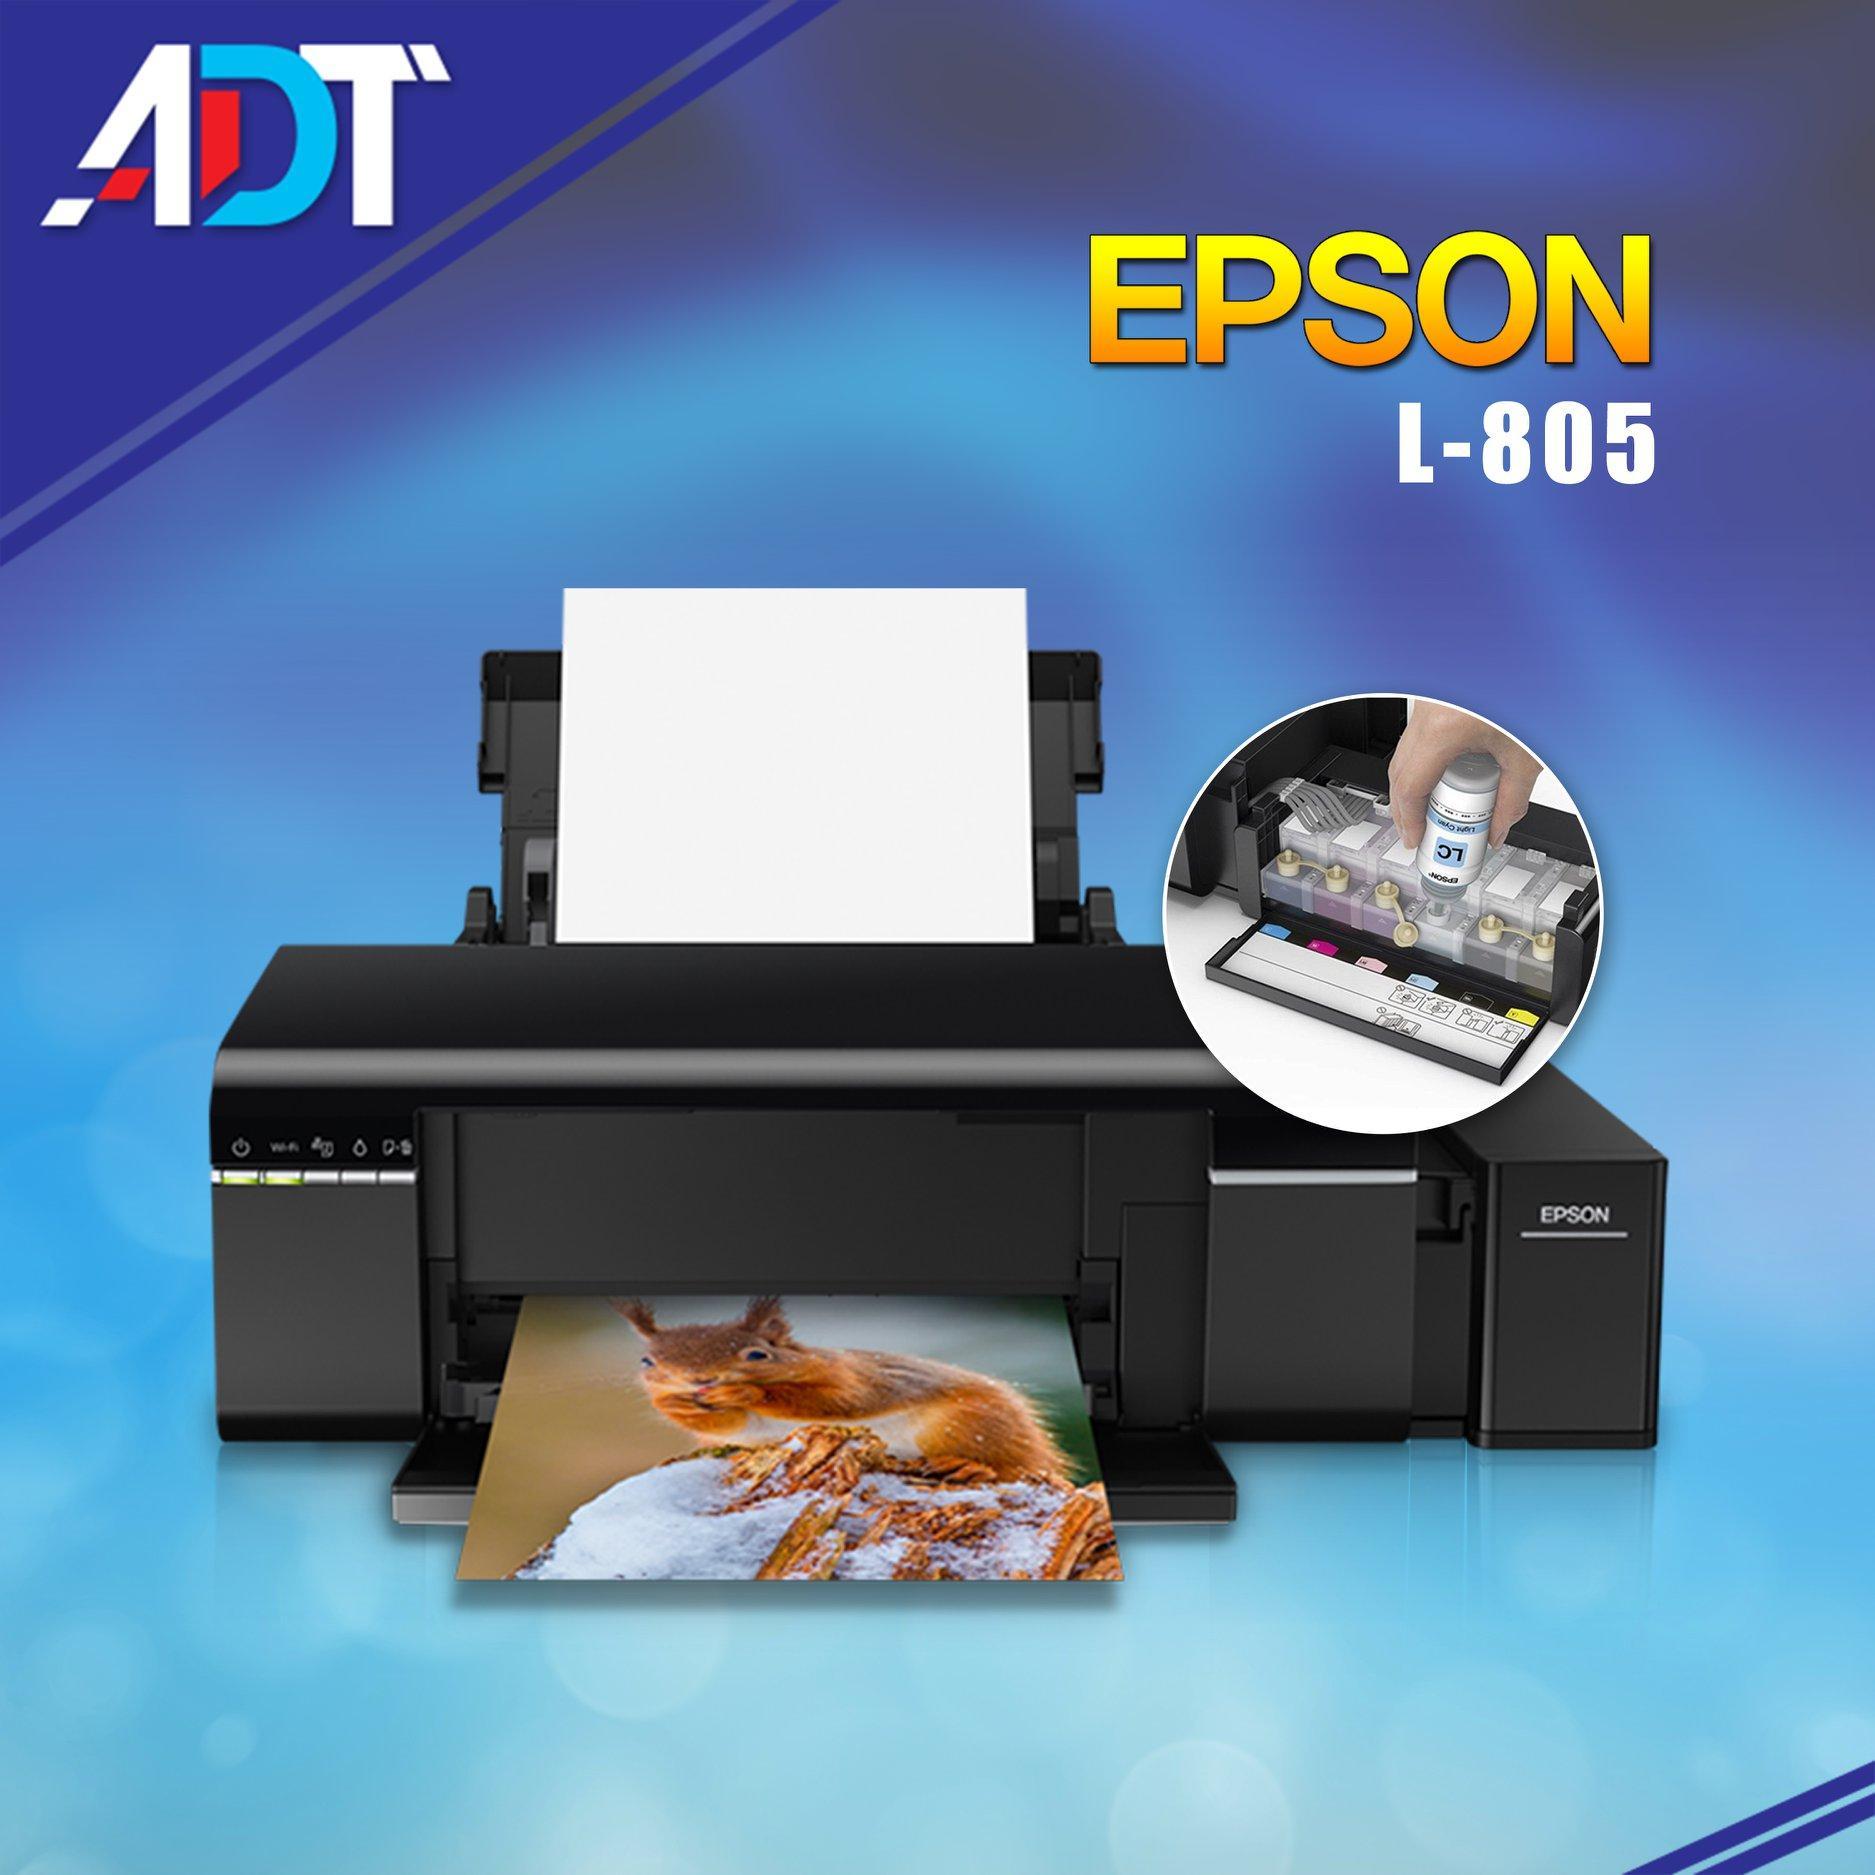 Epson L805 (printer)(Original ဆေးမပါရှိ Ink Jet Ink သာပါရှိပါသည်)၊၊